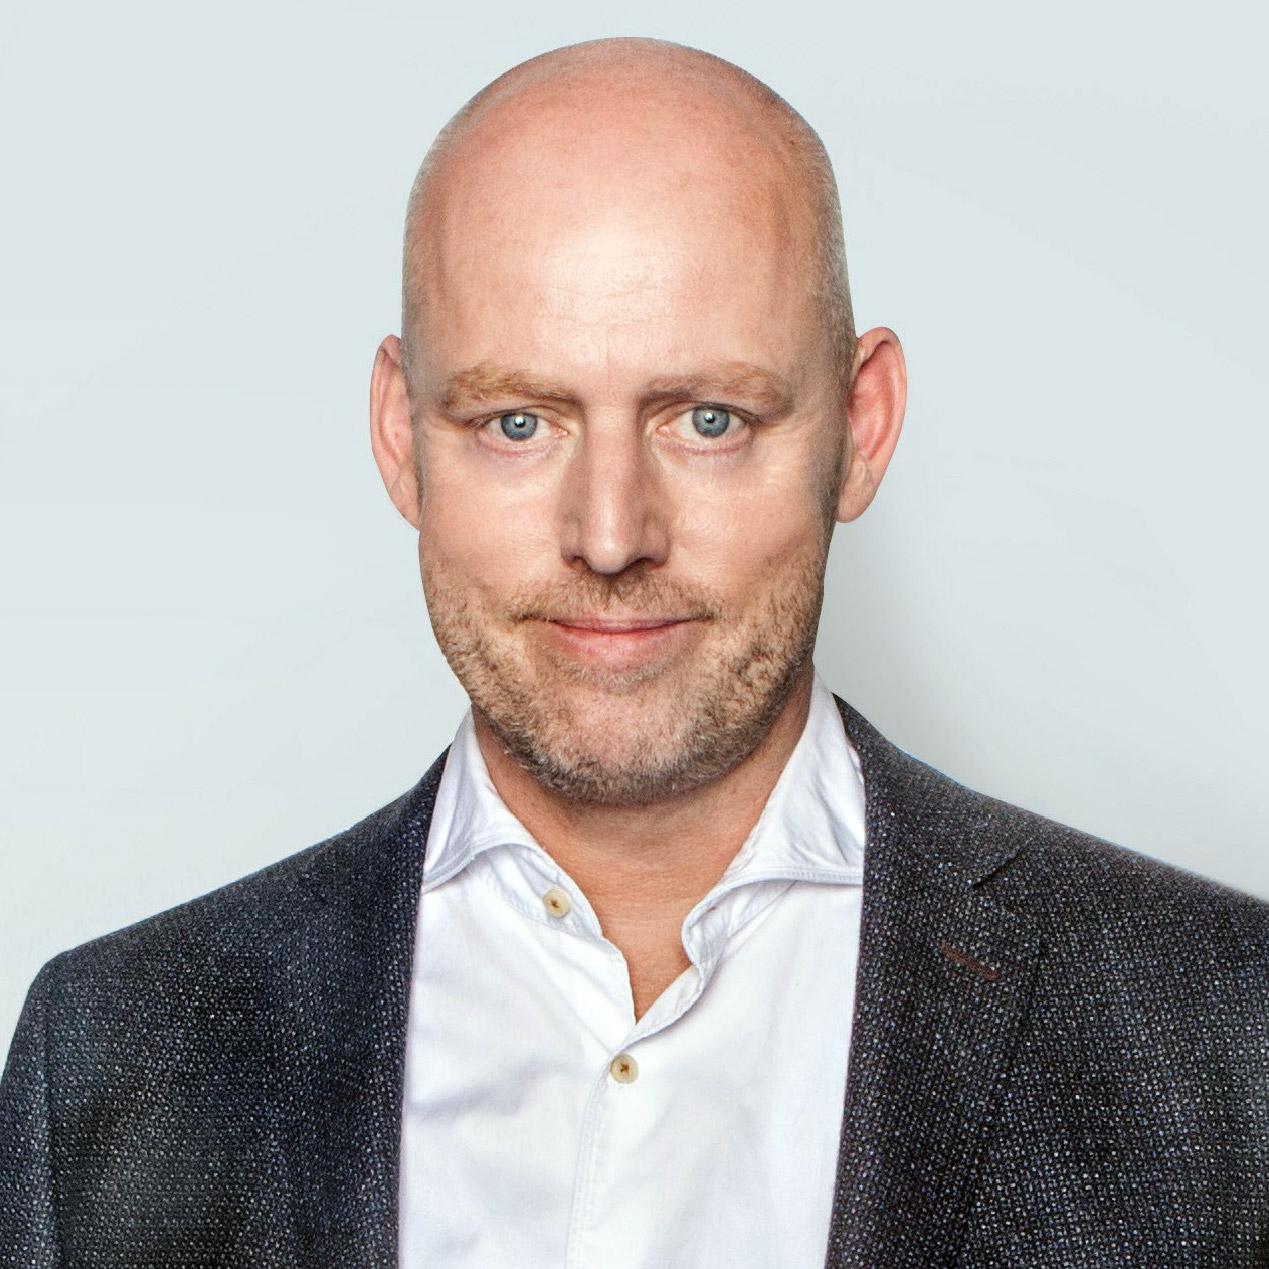 Jochen_Raedeker